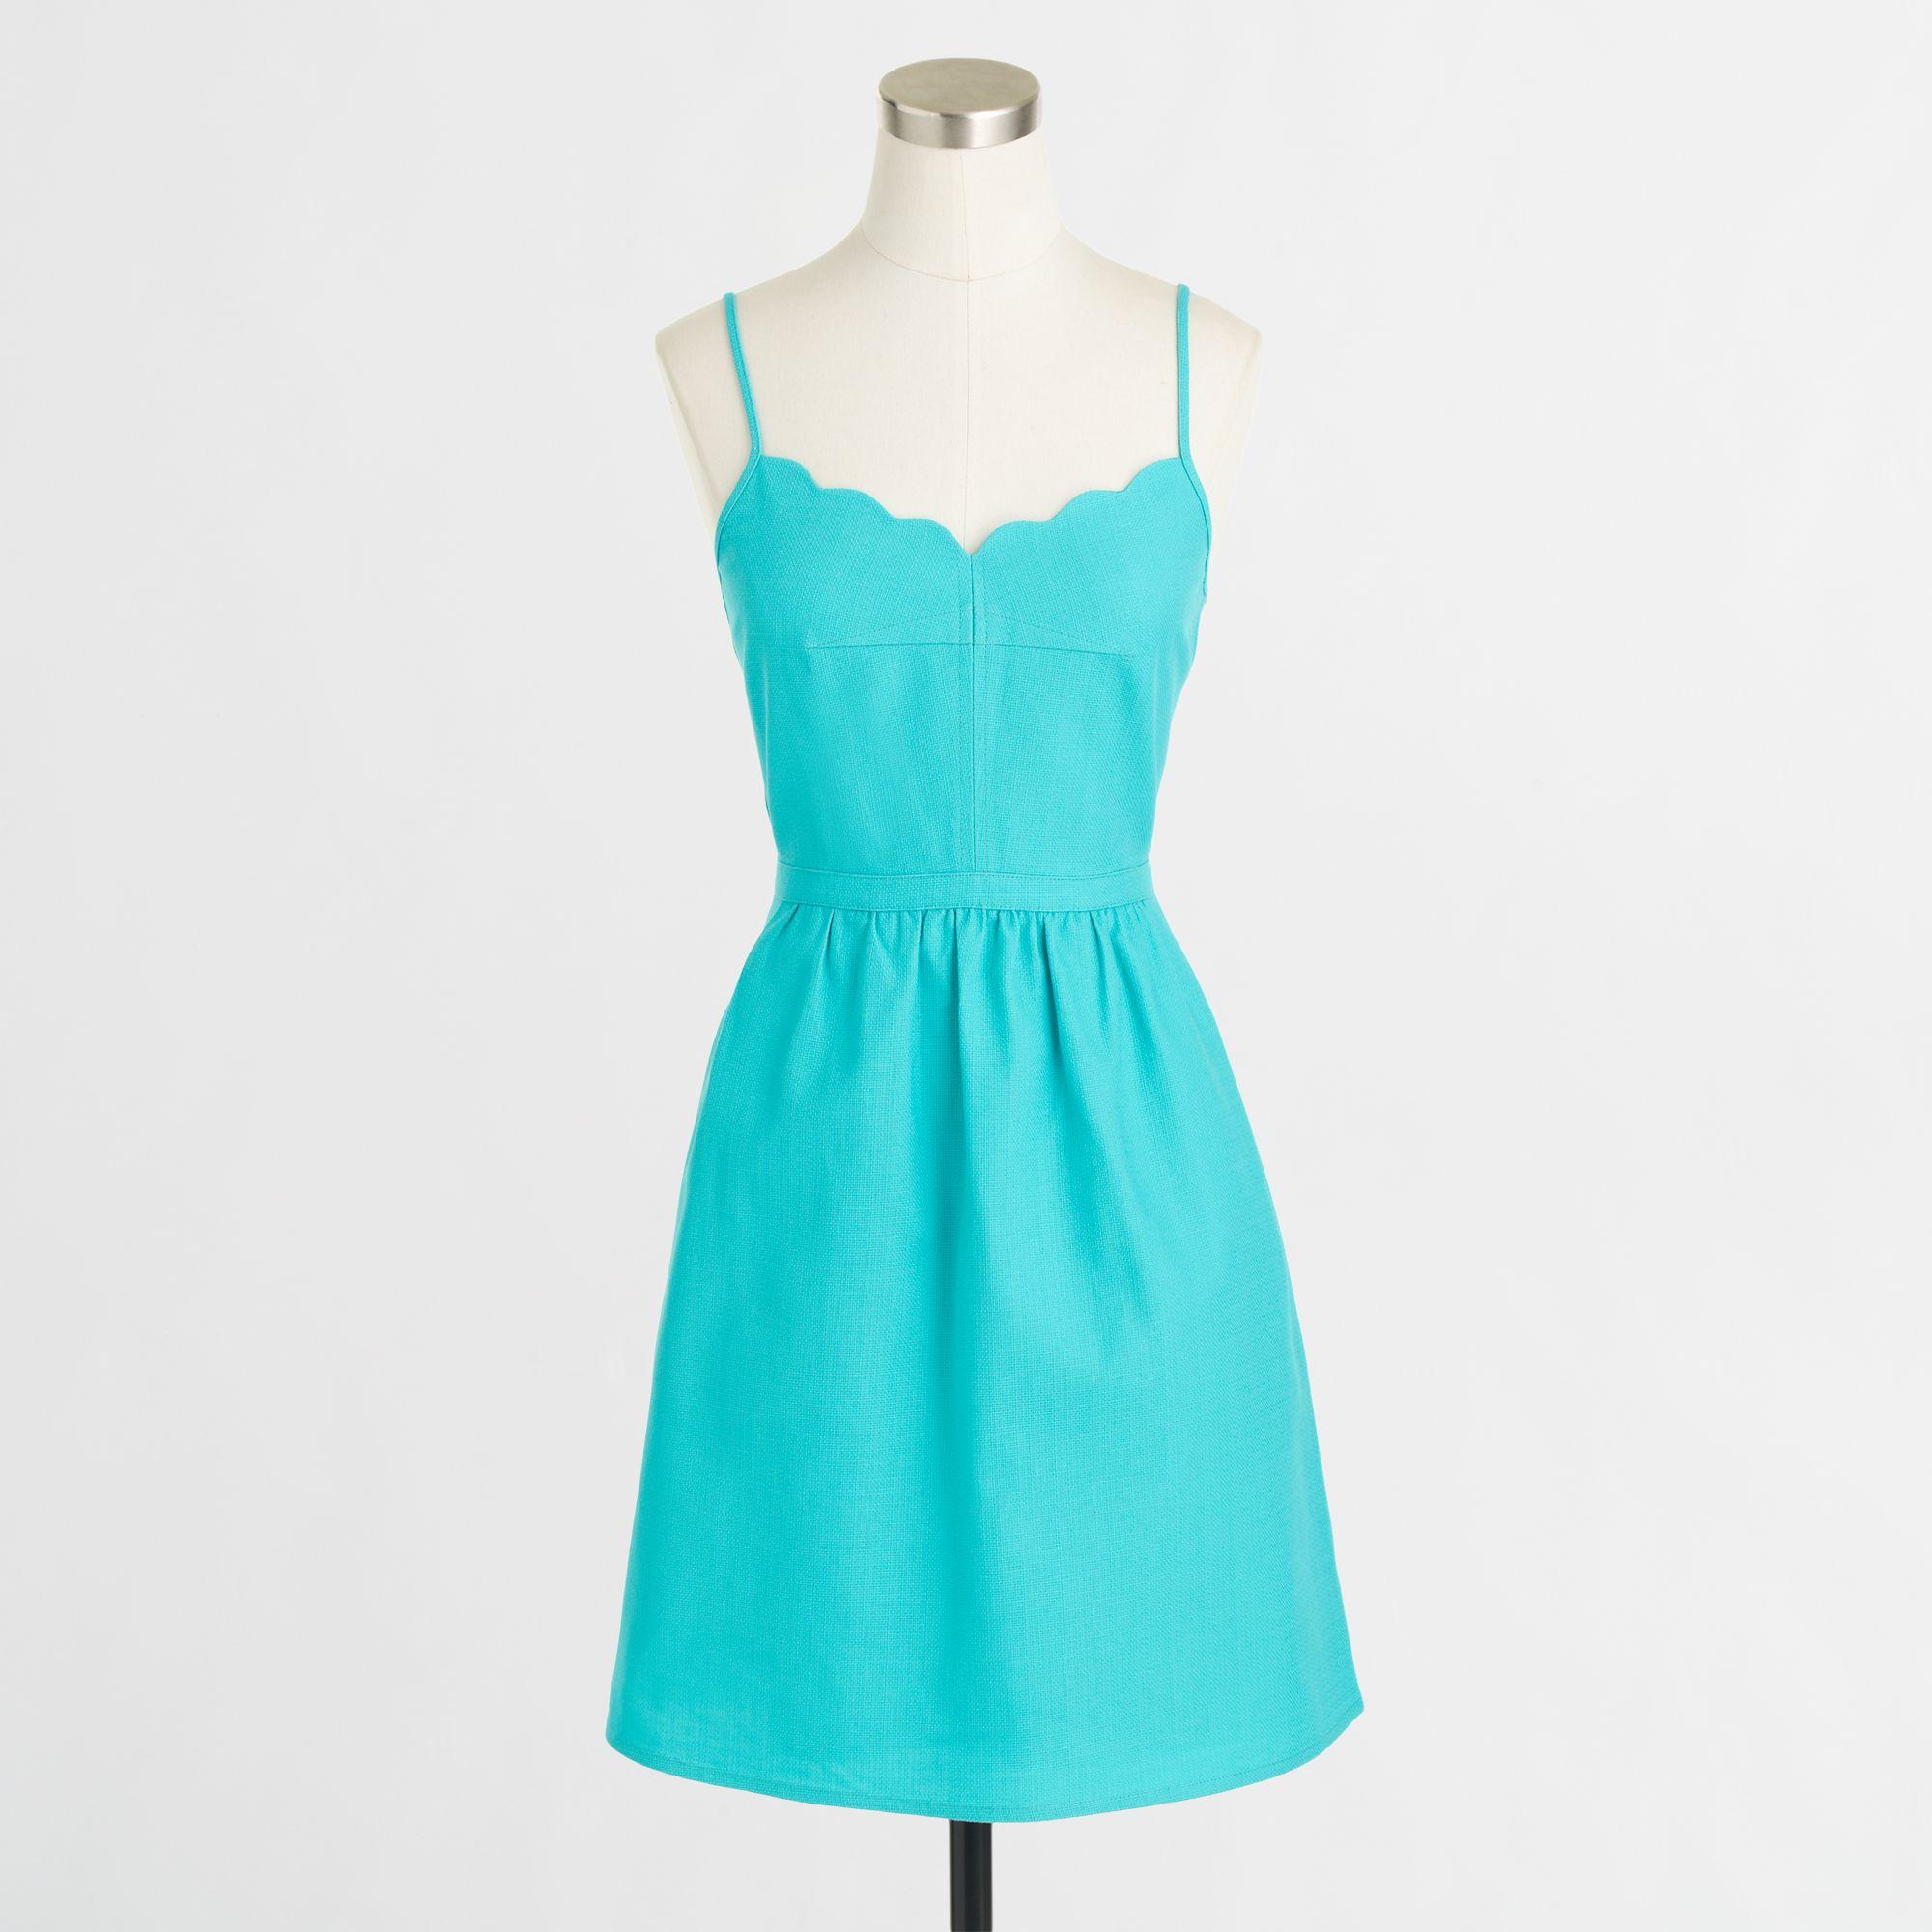 Elegant Women39s Dresses  Day  Andre Dress In Super 120s  JCrew  Polyvore